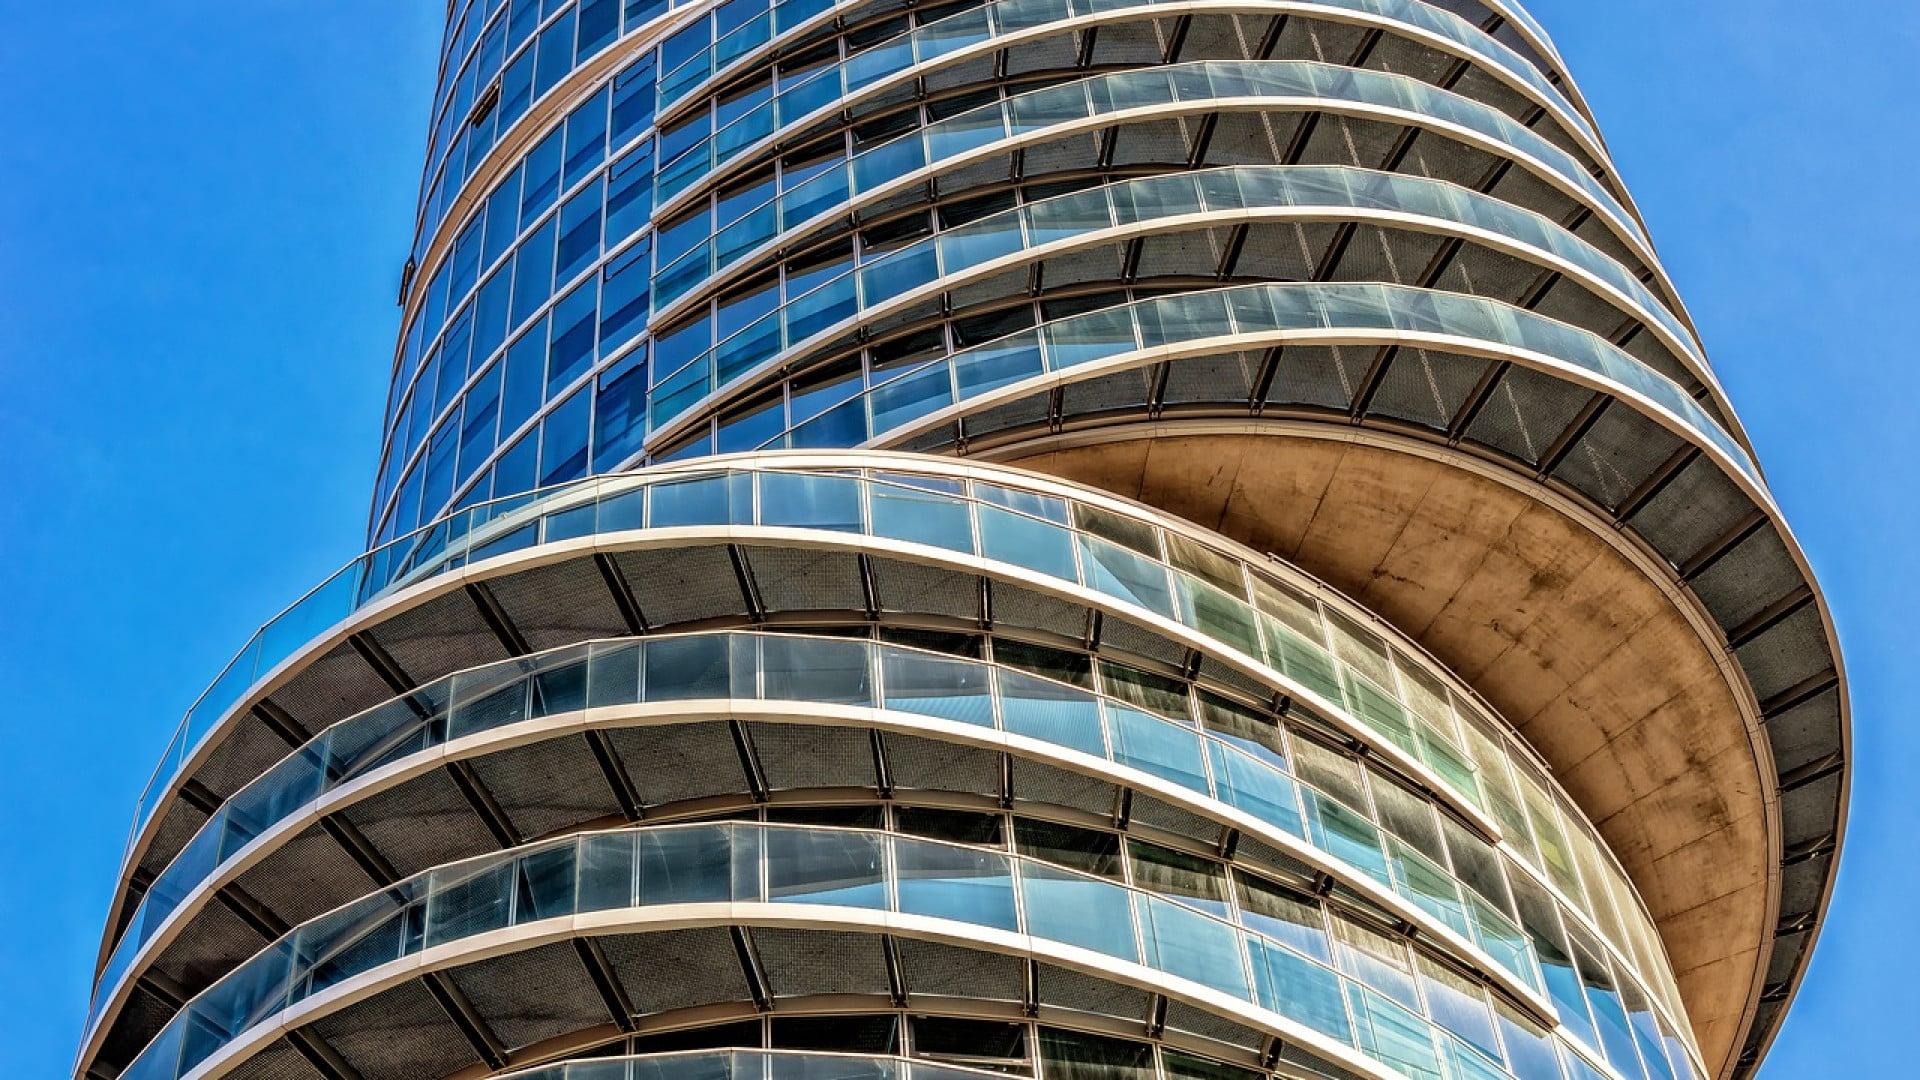 Quels sont les avantages de confier son patrimoine immobilier à un gestionnaire ?